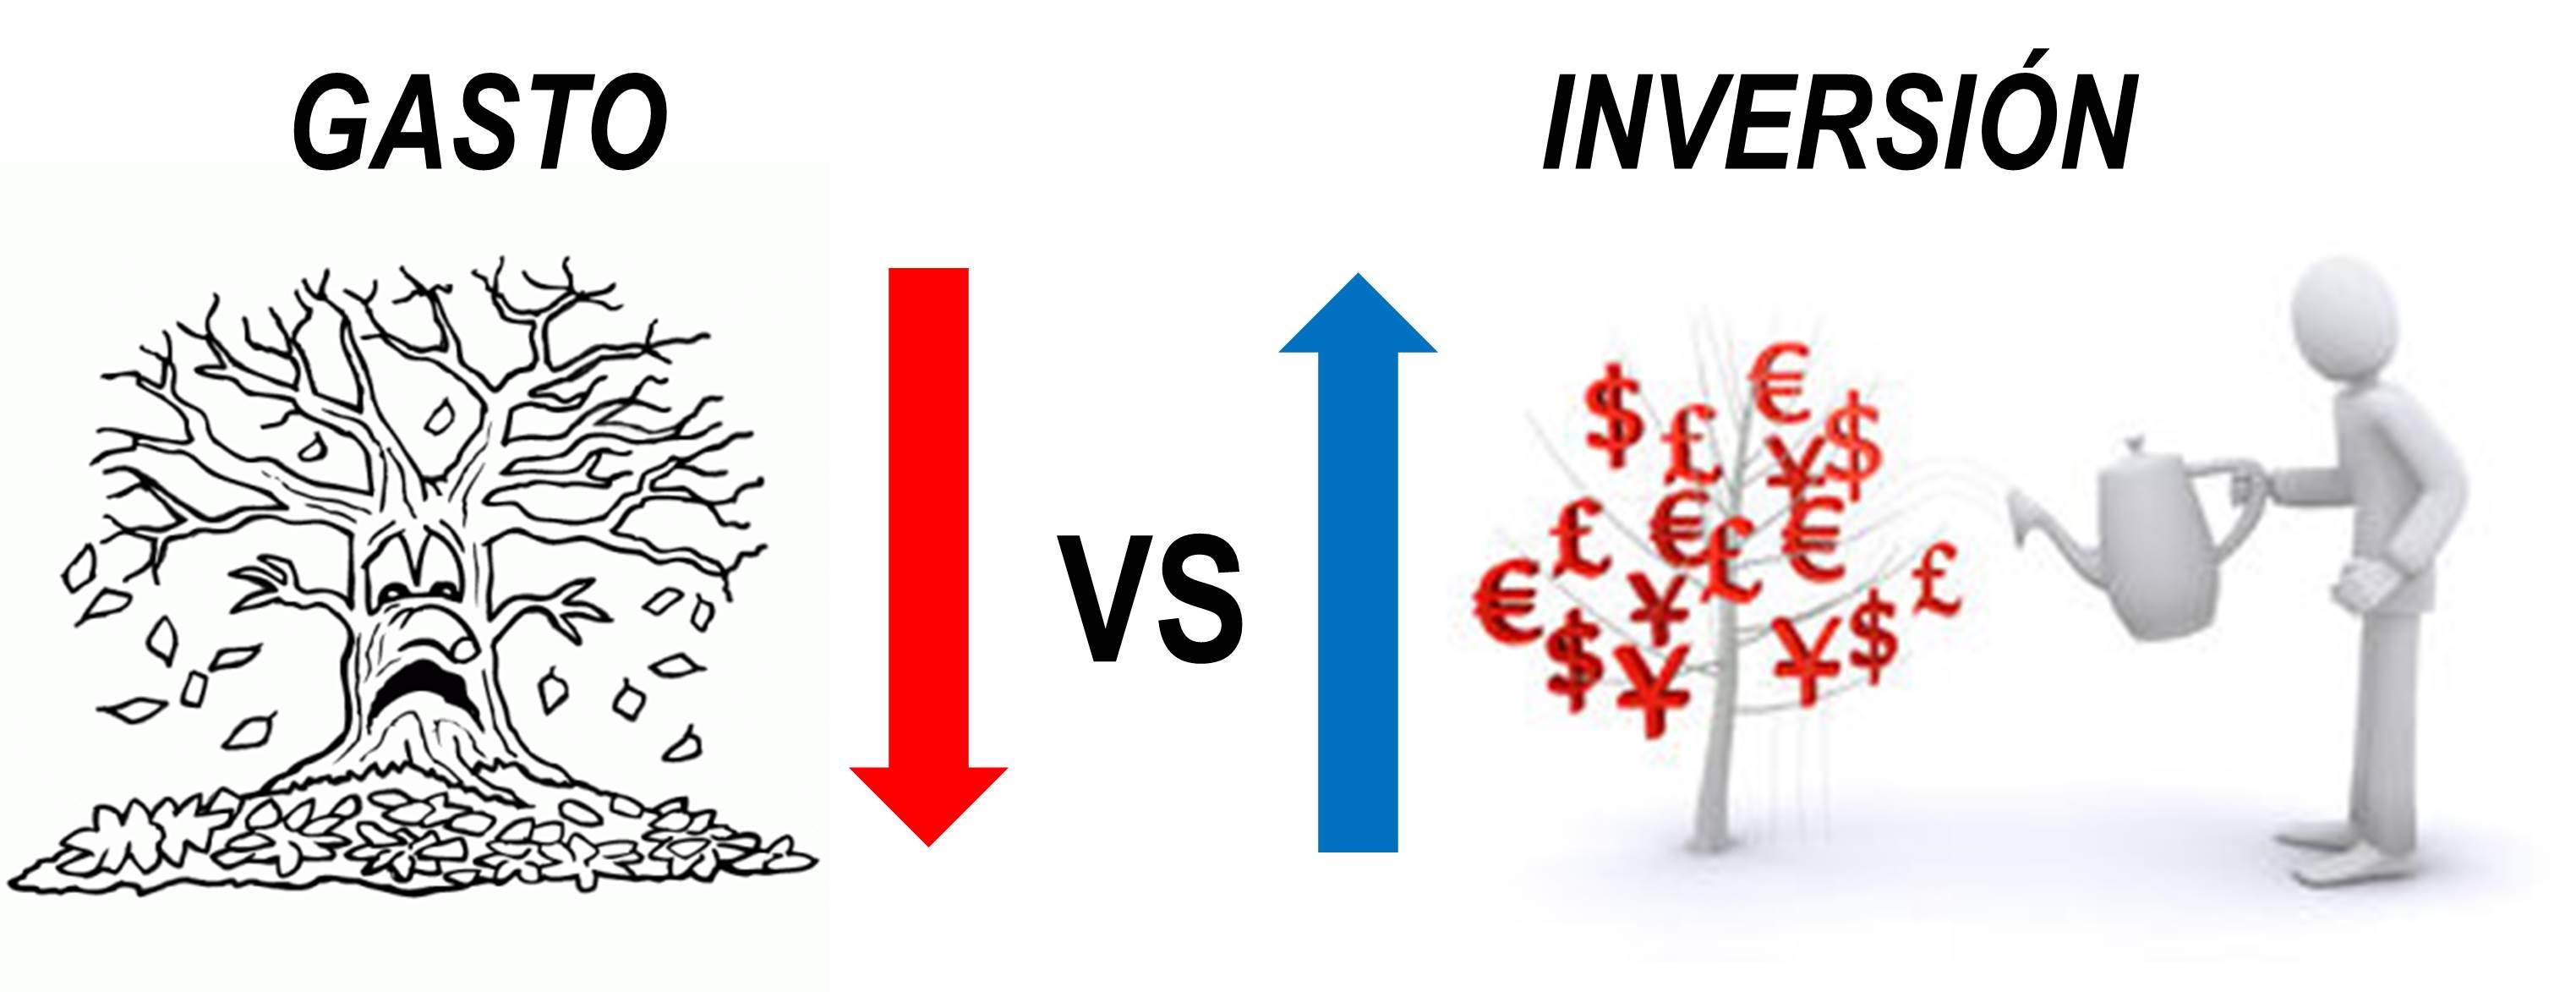 Gasto_Inversión-2